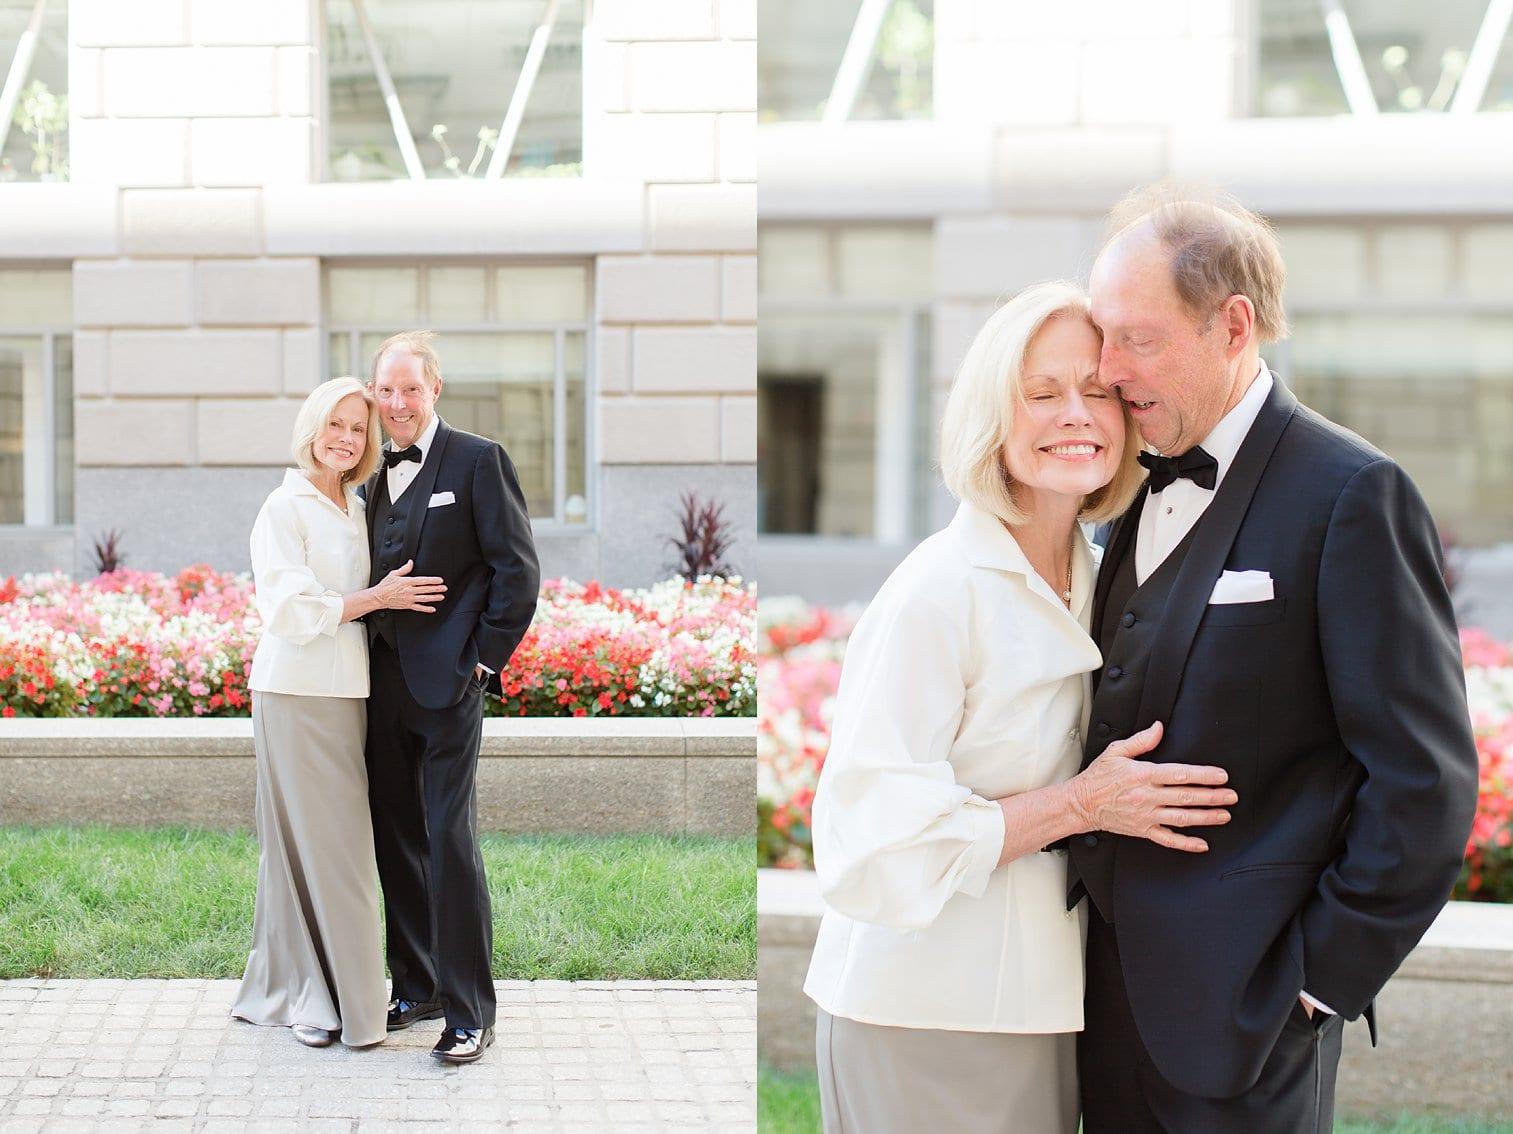 Ronald Reagan Building Wedding Washington DC Wedding Photographer Ashley & Brett-520.jpg